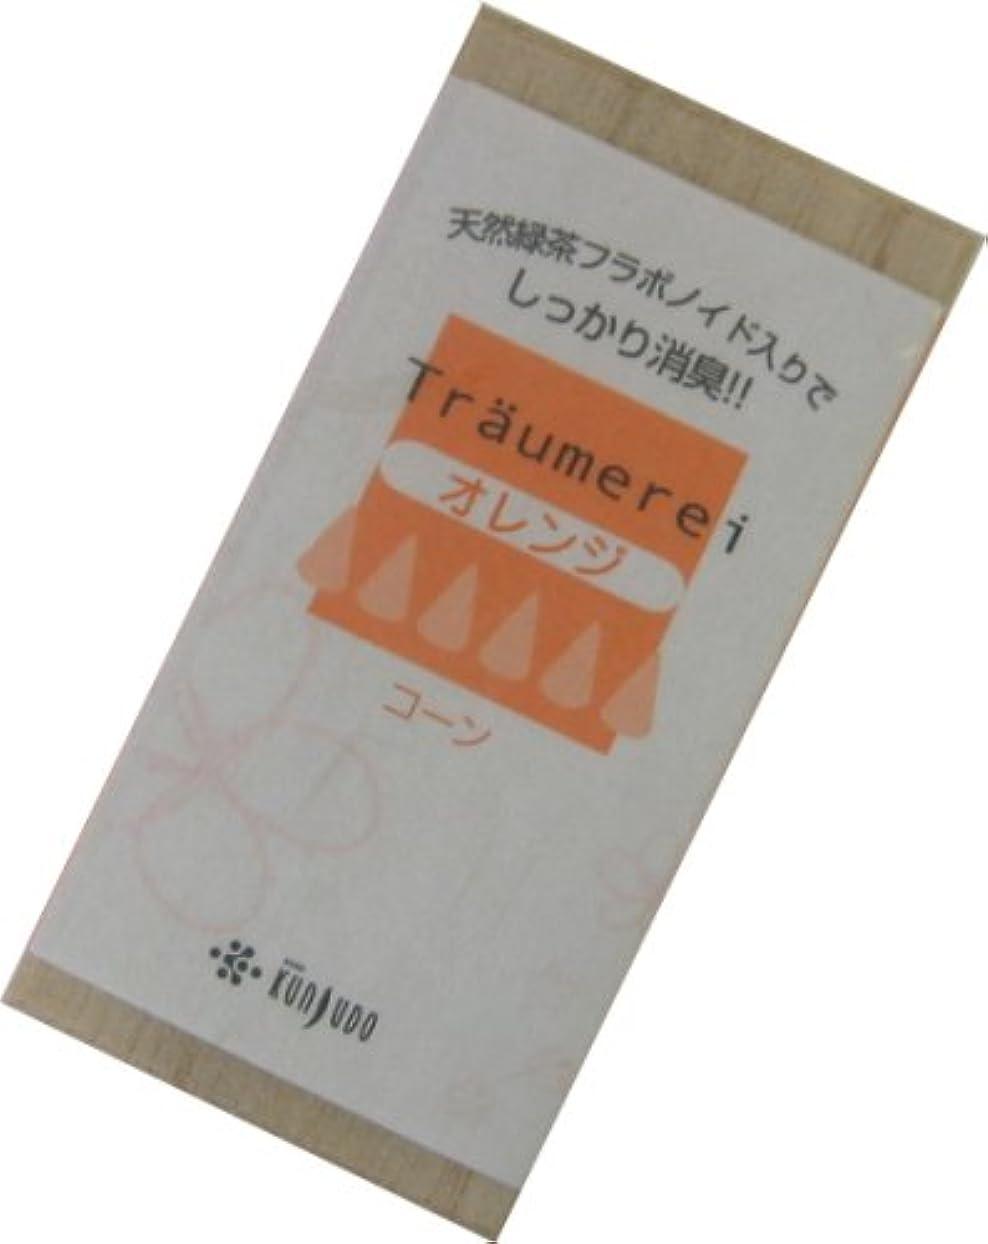 パンサー寛容なかわいらしいトロイメライ 桐箱 コーン オレンジ